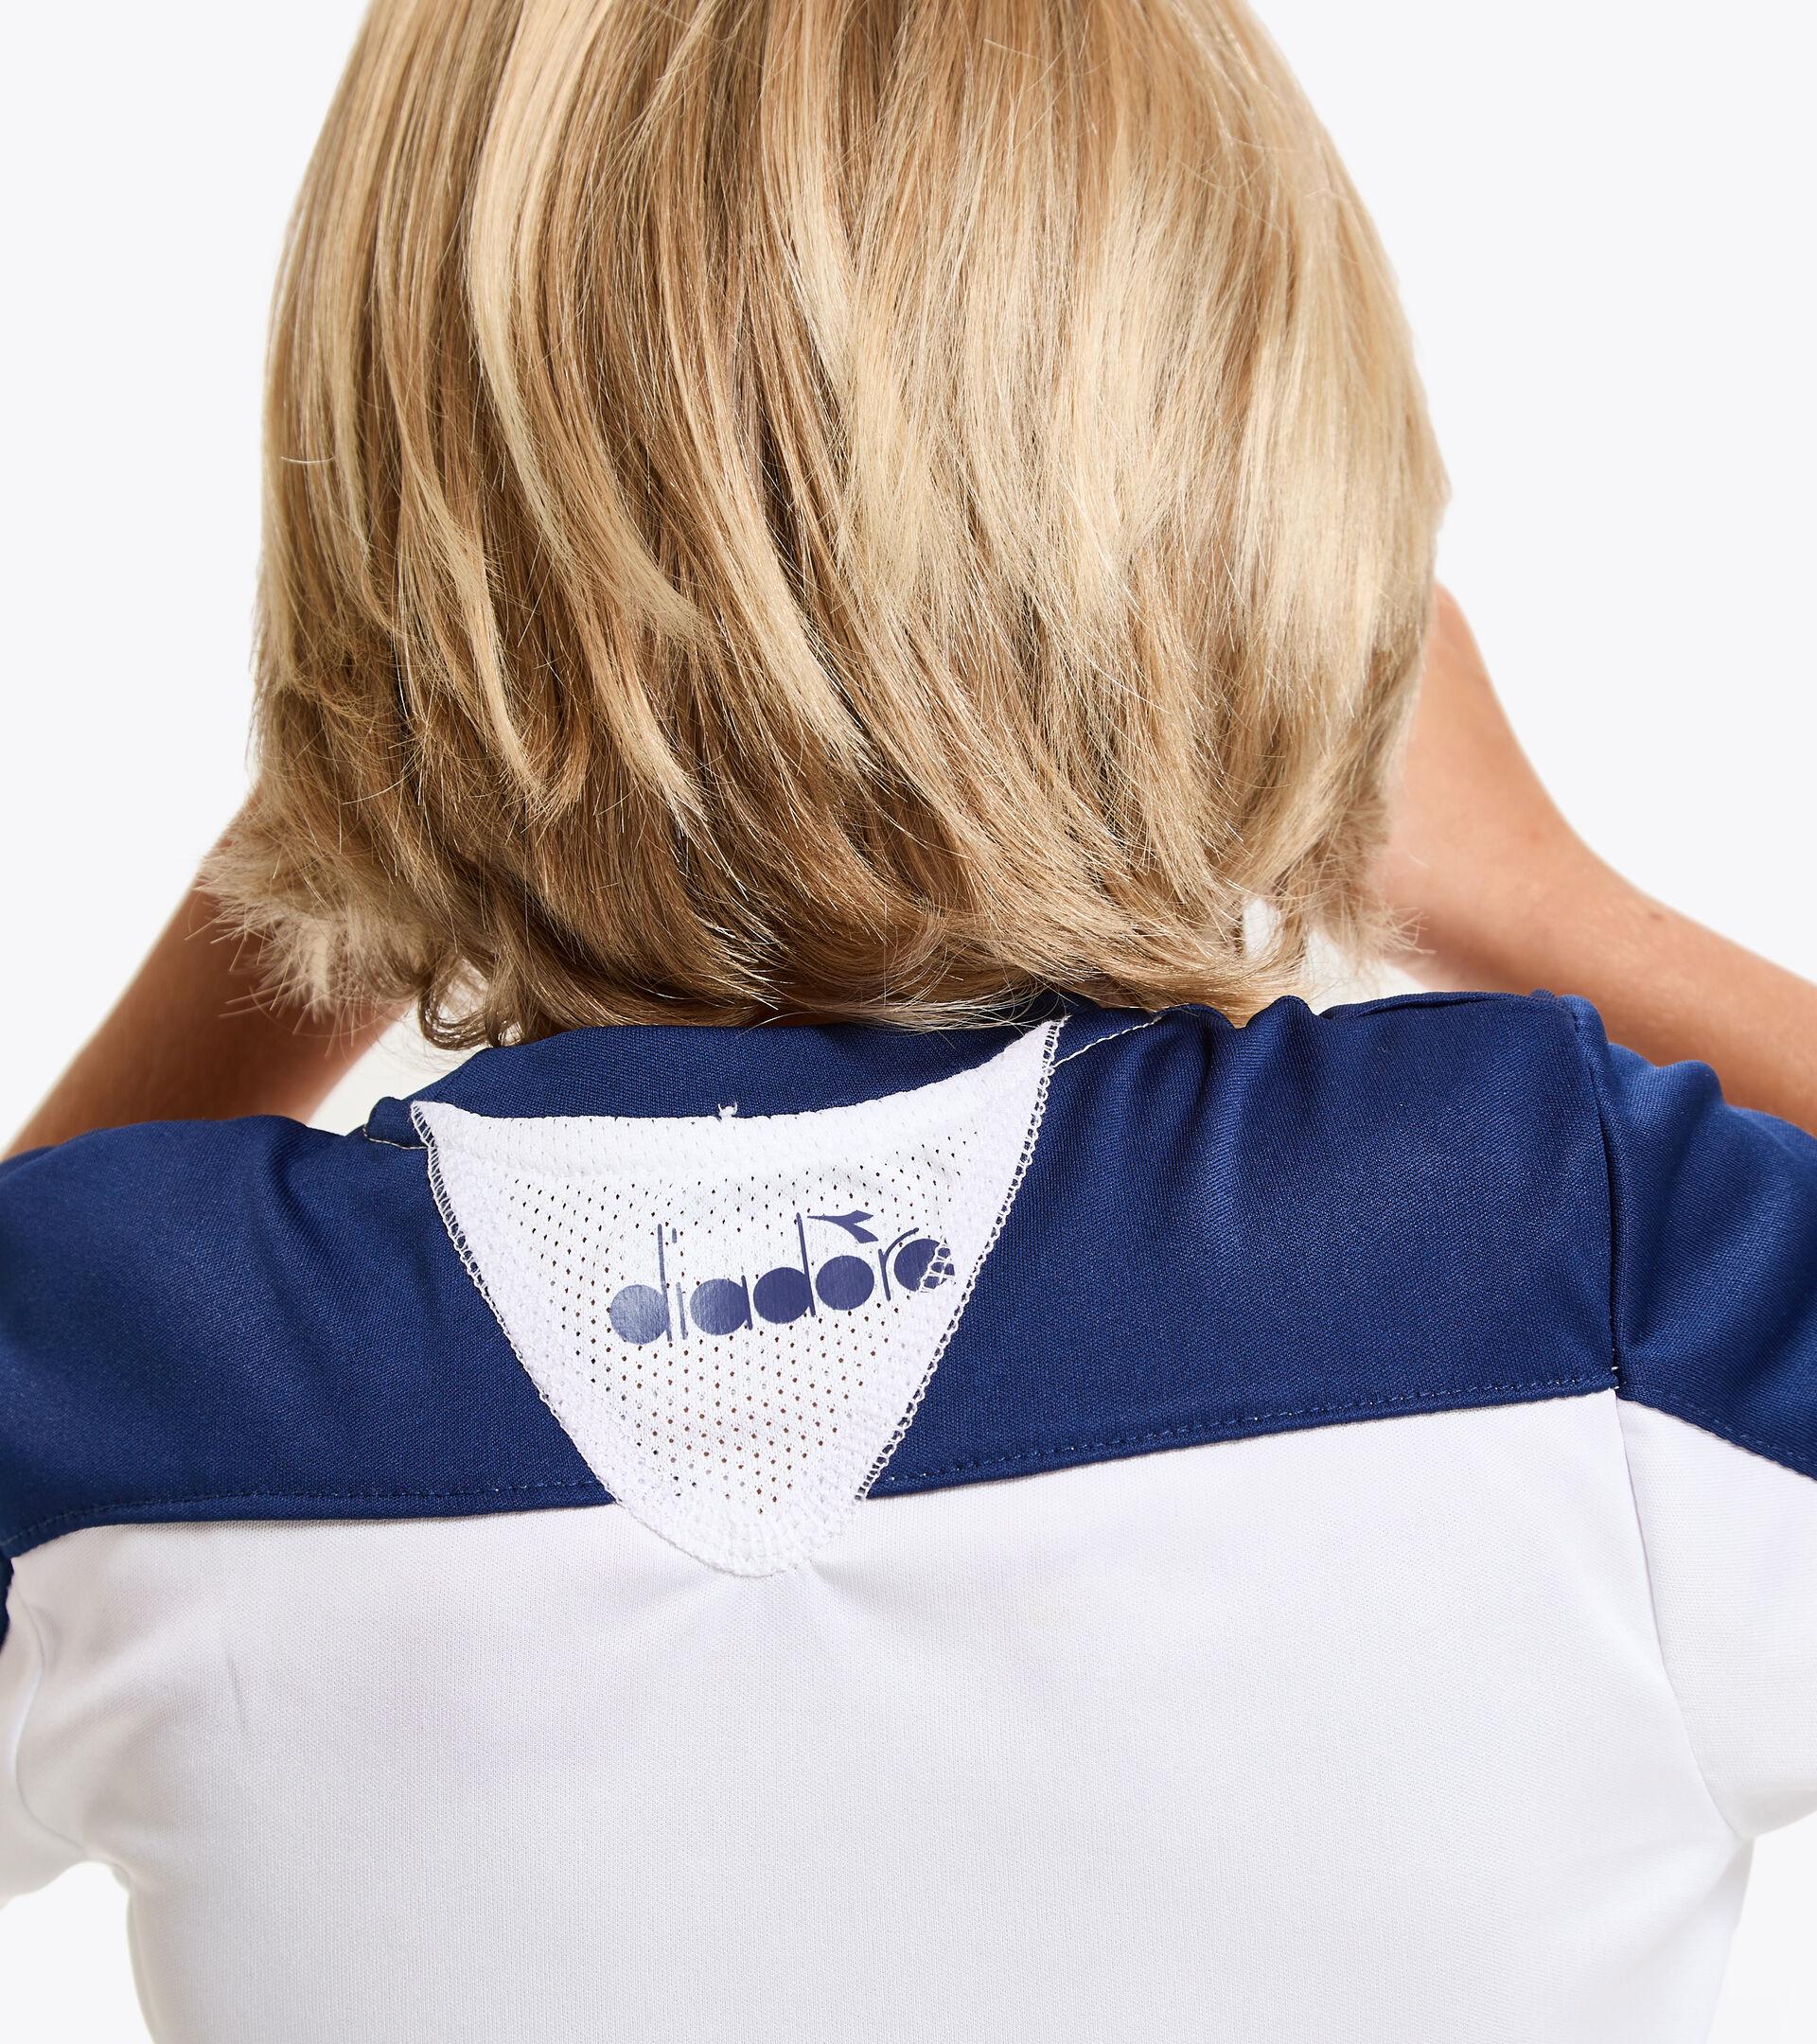 Tennis-T-Shirt - Junior J. T-SHIRT TEAM GUTBLAU - Diadora